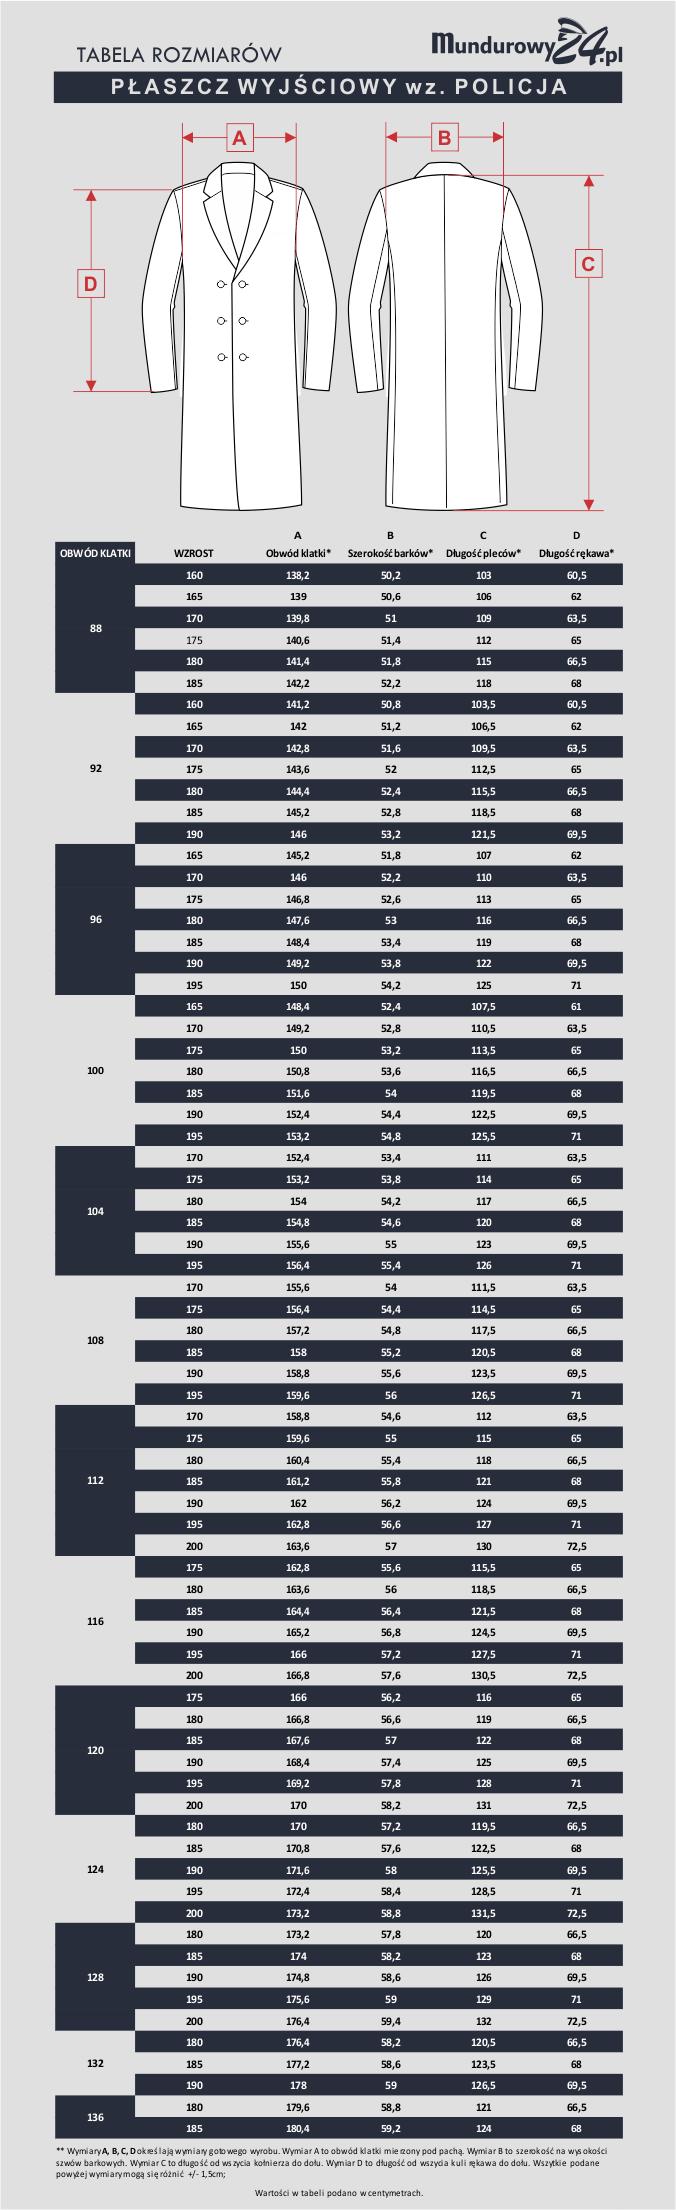 Tabela rozmiarów: Płaszcz wyjściowy całoroczny POLICJA